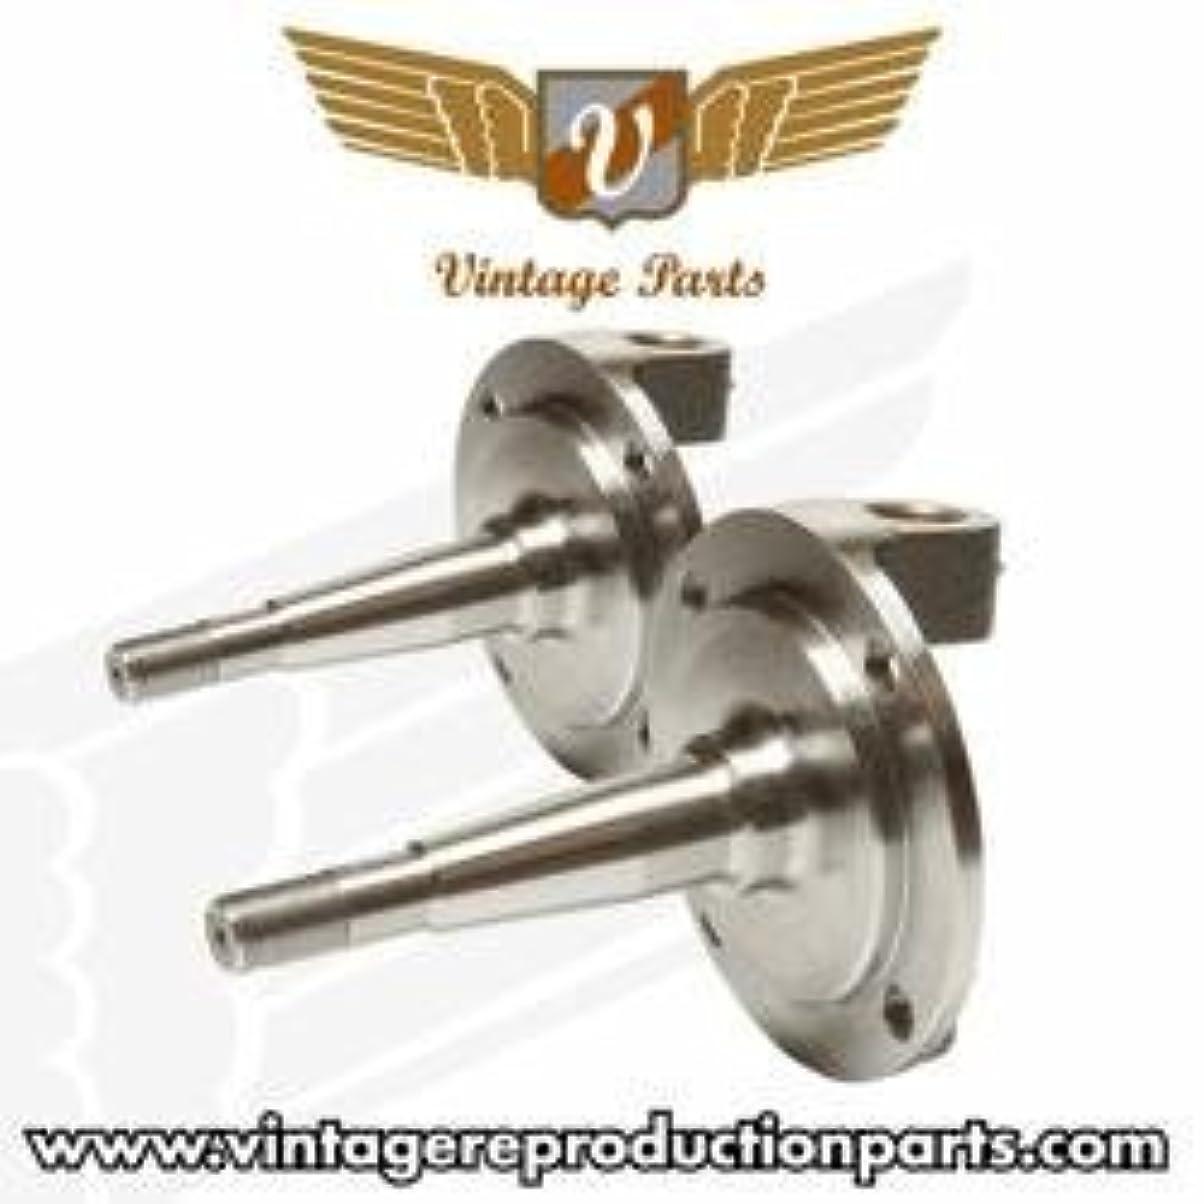 Vintage Parts 61601 Spindle Pair [並行輸入品]